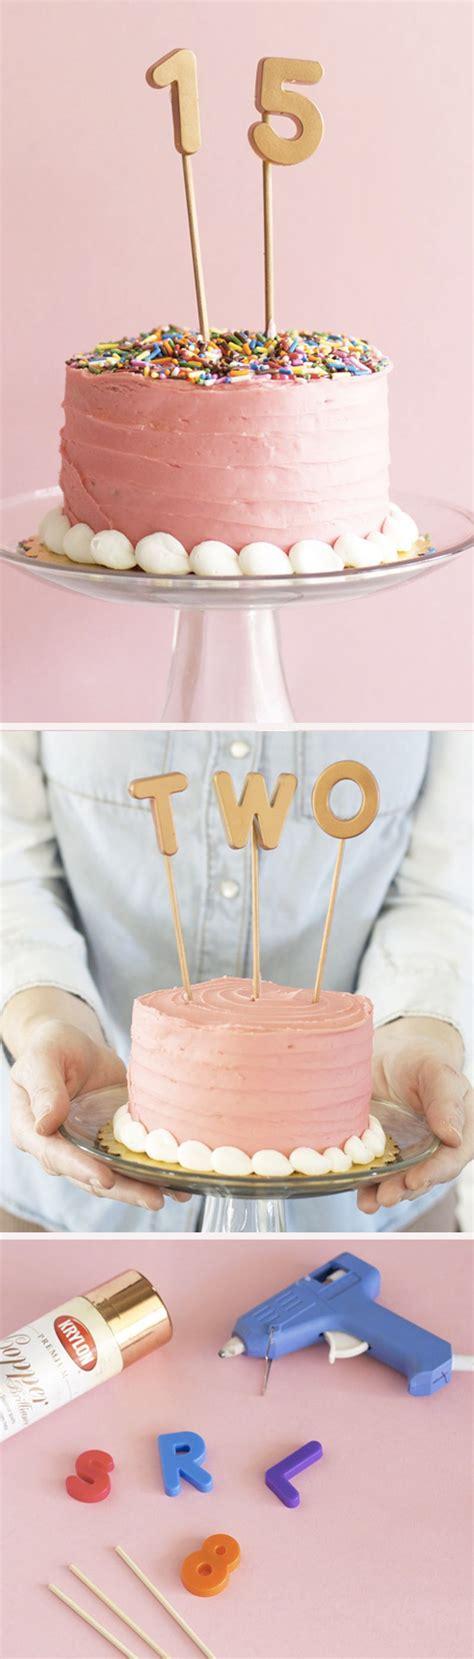 Topper Cake Special Ilustrasi make it personalized cake topper diy cake topper